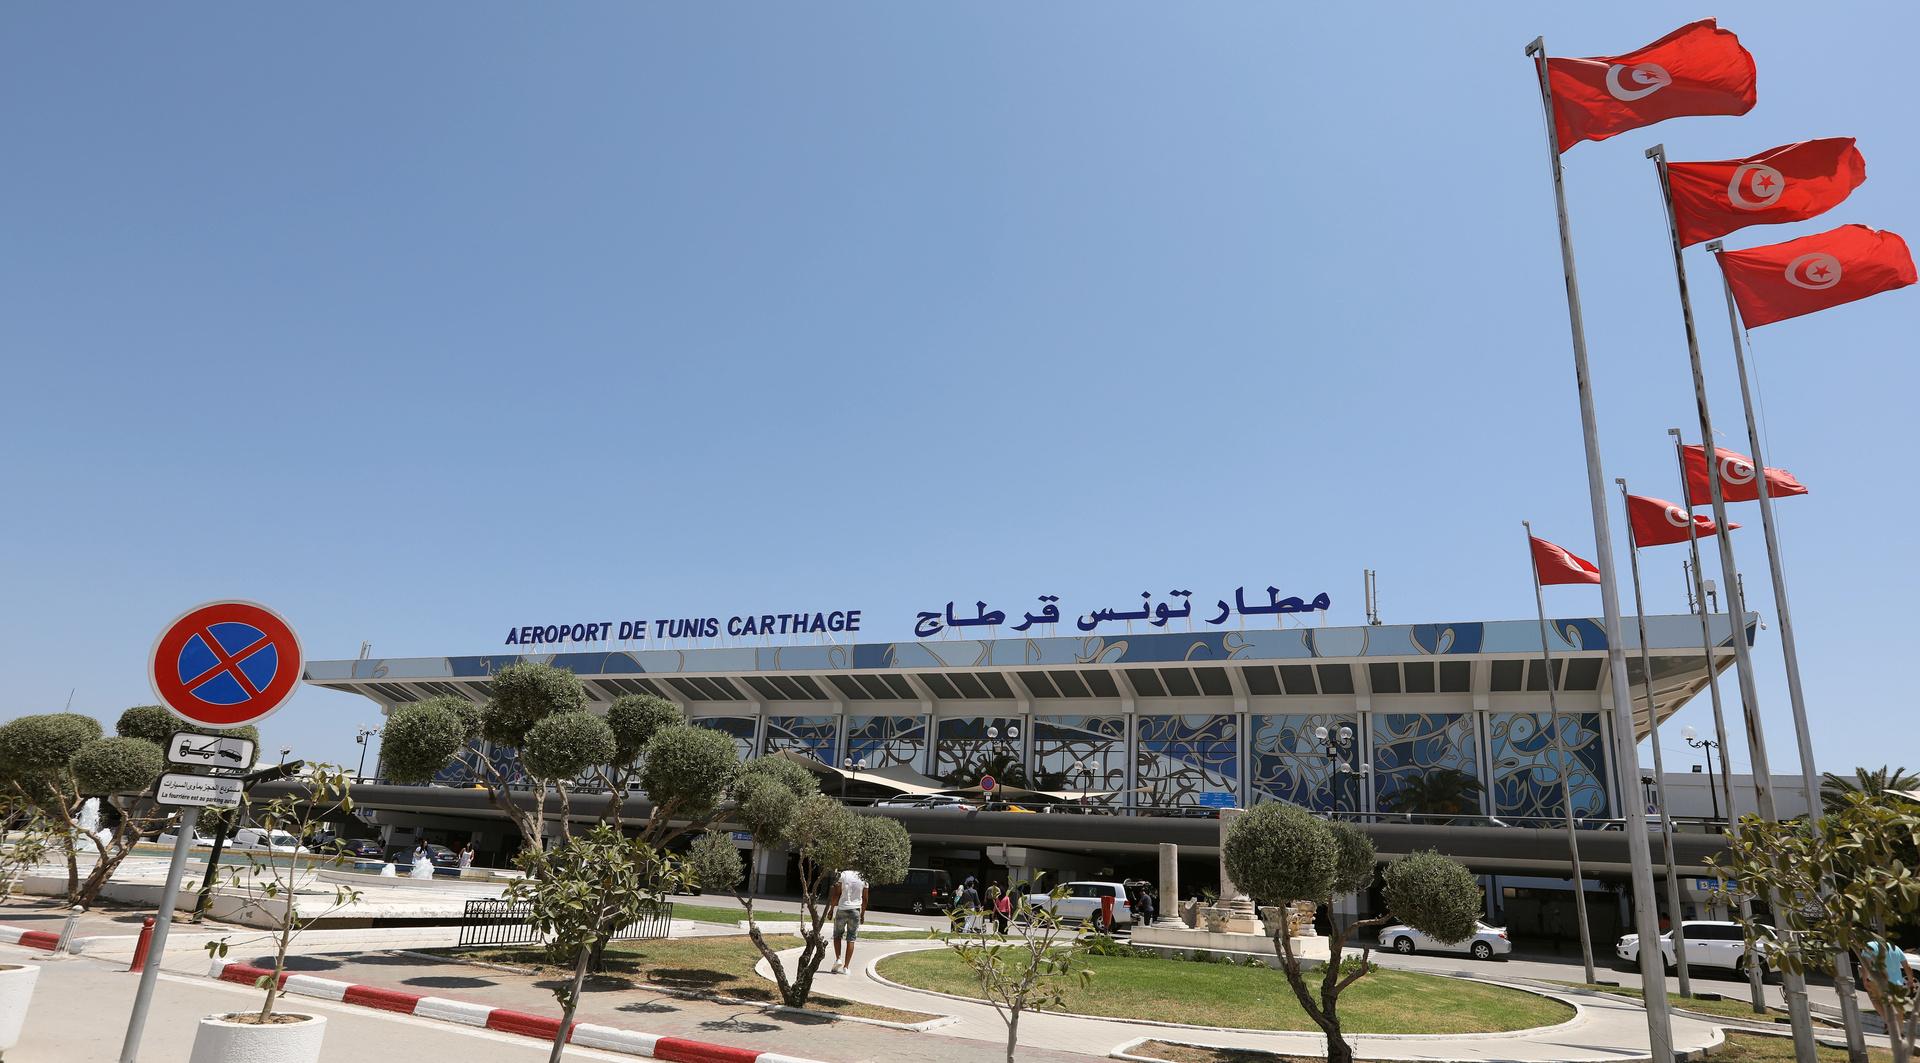 تونس تضيف الدنمارك إلى قائمة حظر السفر بسبب مخاوف من كورونا المتحور